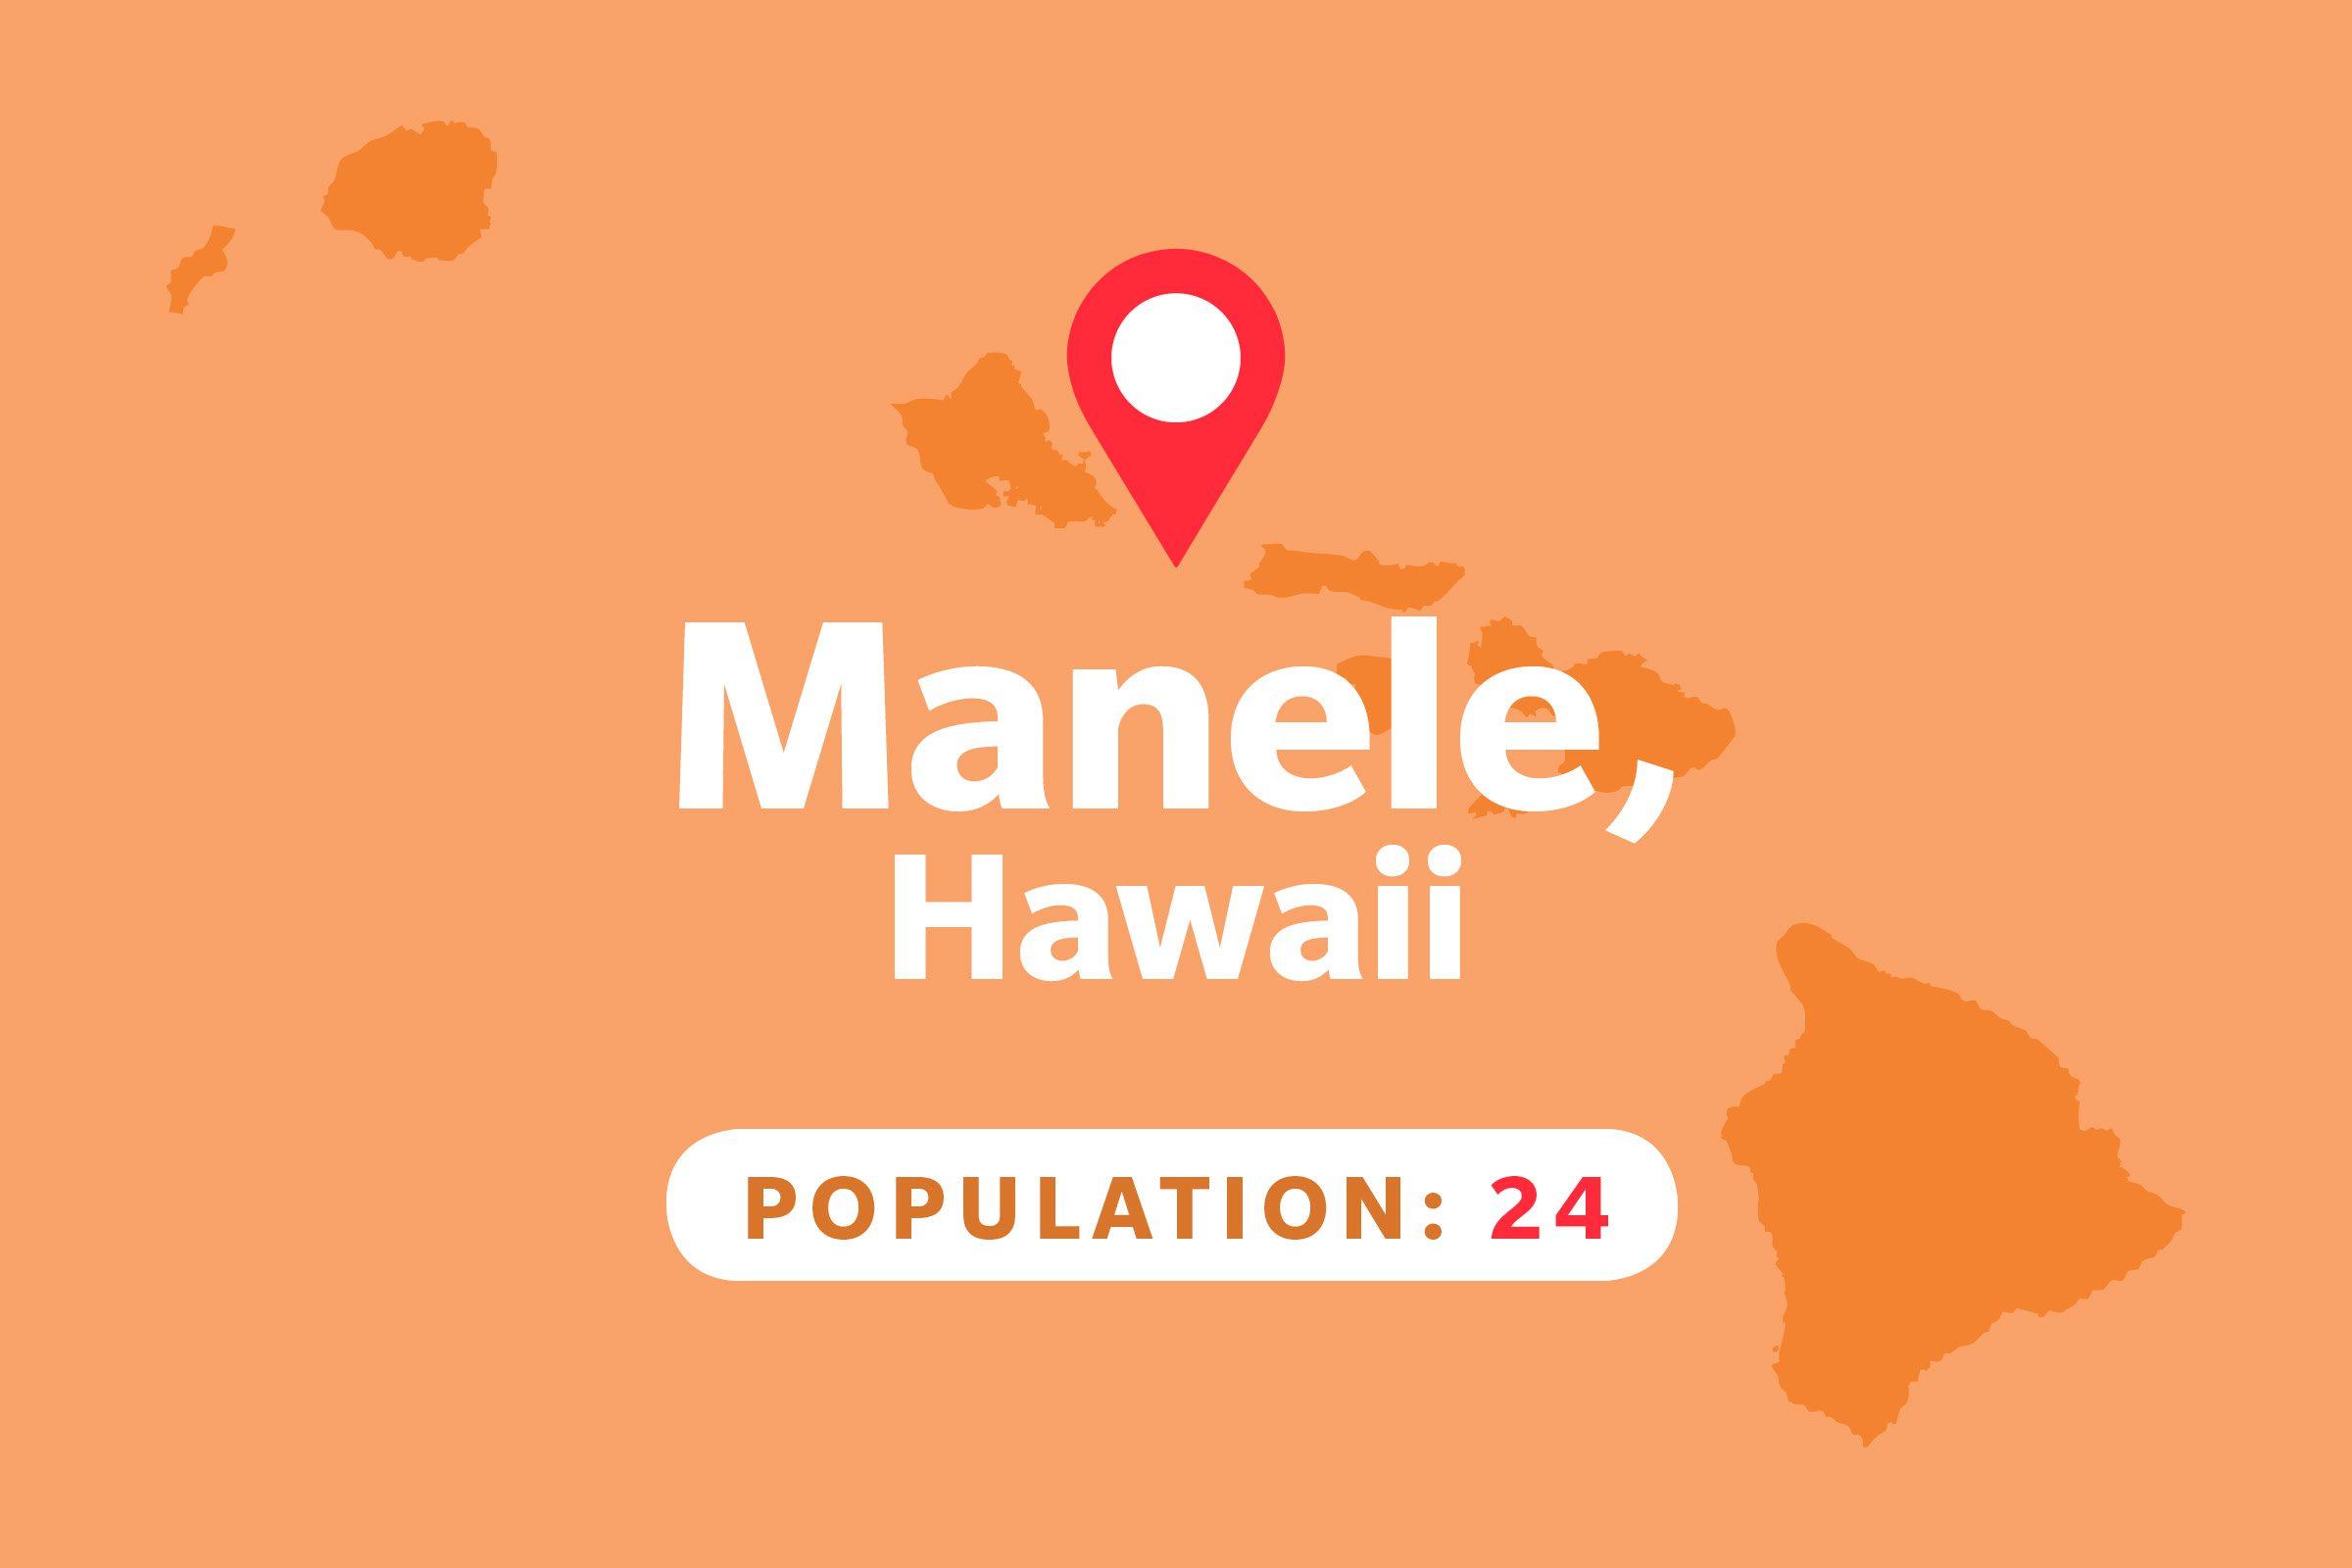 Manele, Hawaii